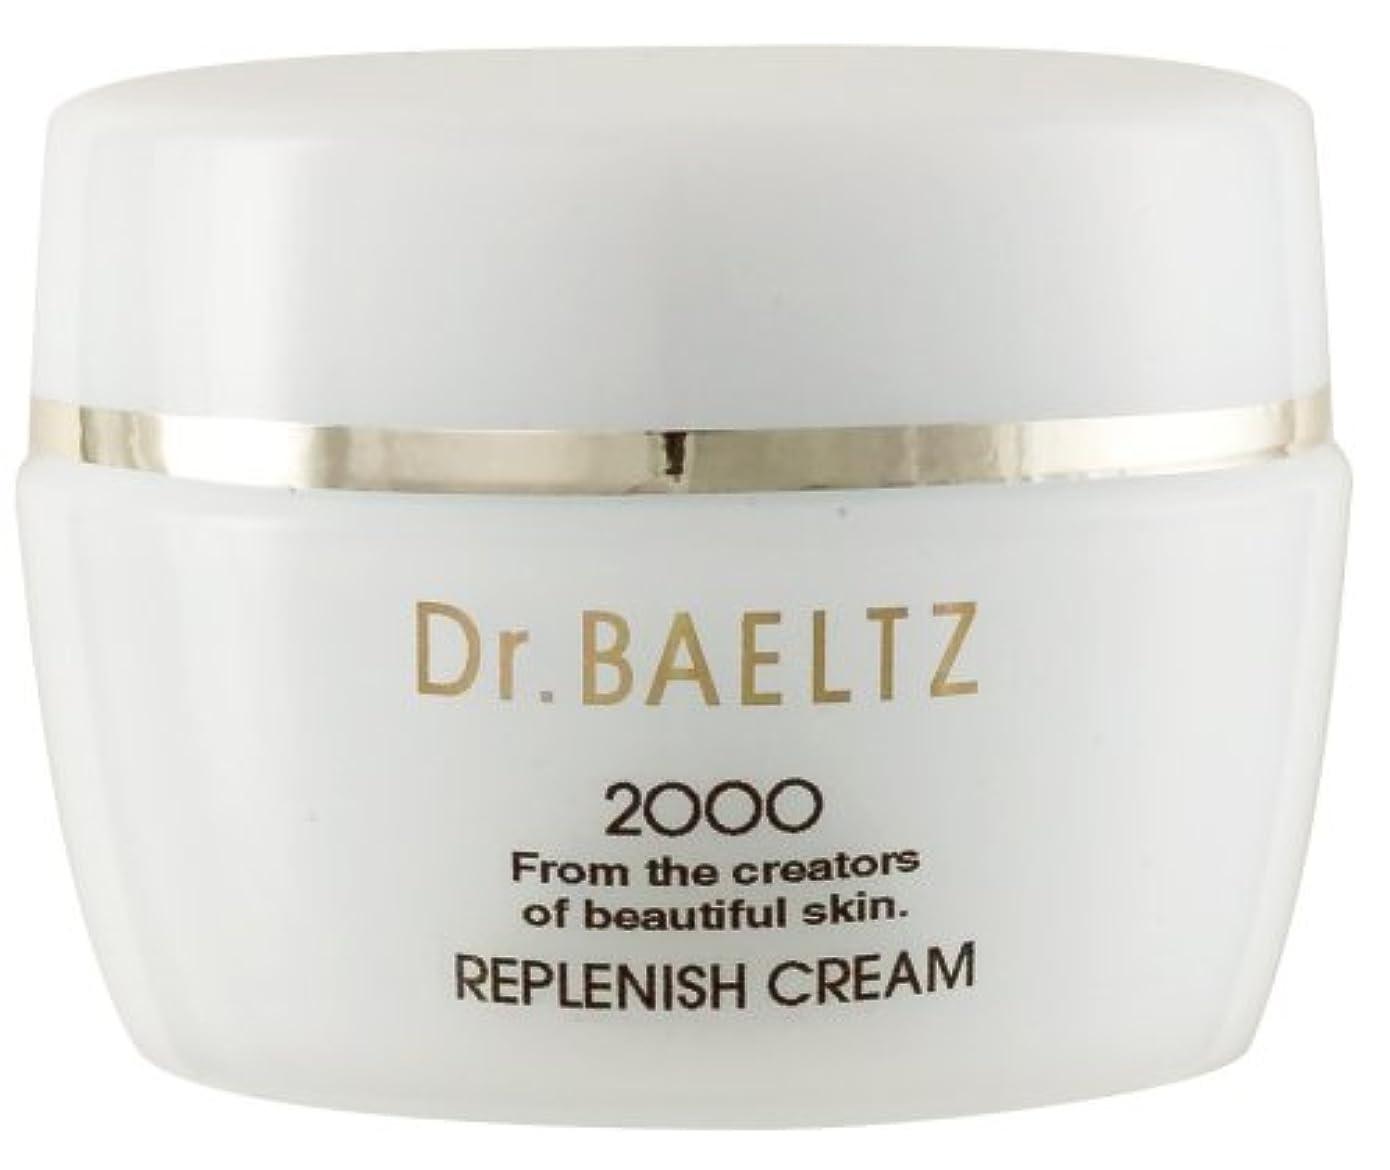 値アセンブリヒロイックドクターベルツ(Dr.BAELTZ) リプレニッシュクリーム 40g(保湿クリーム)